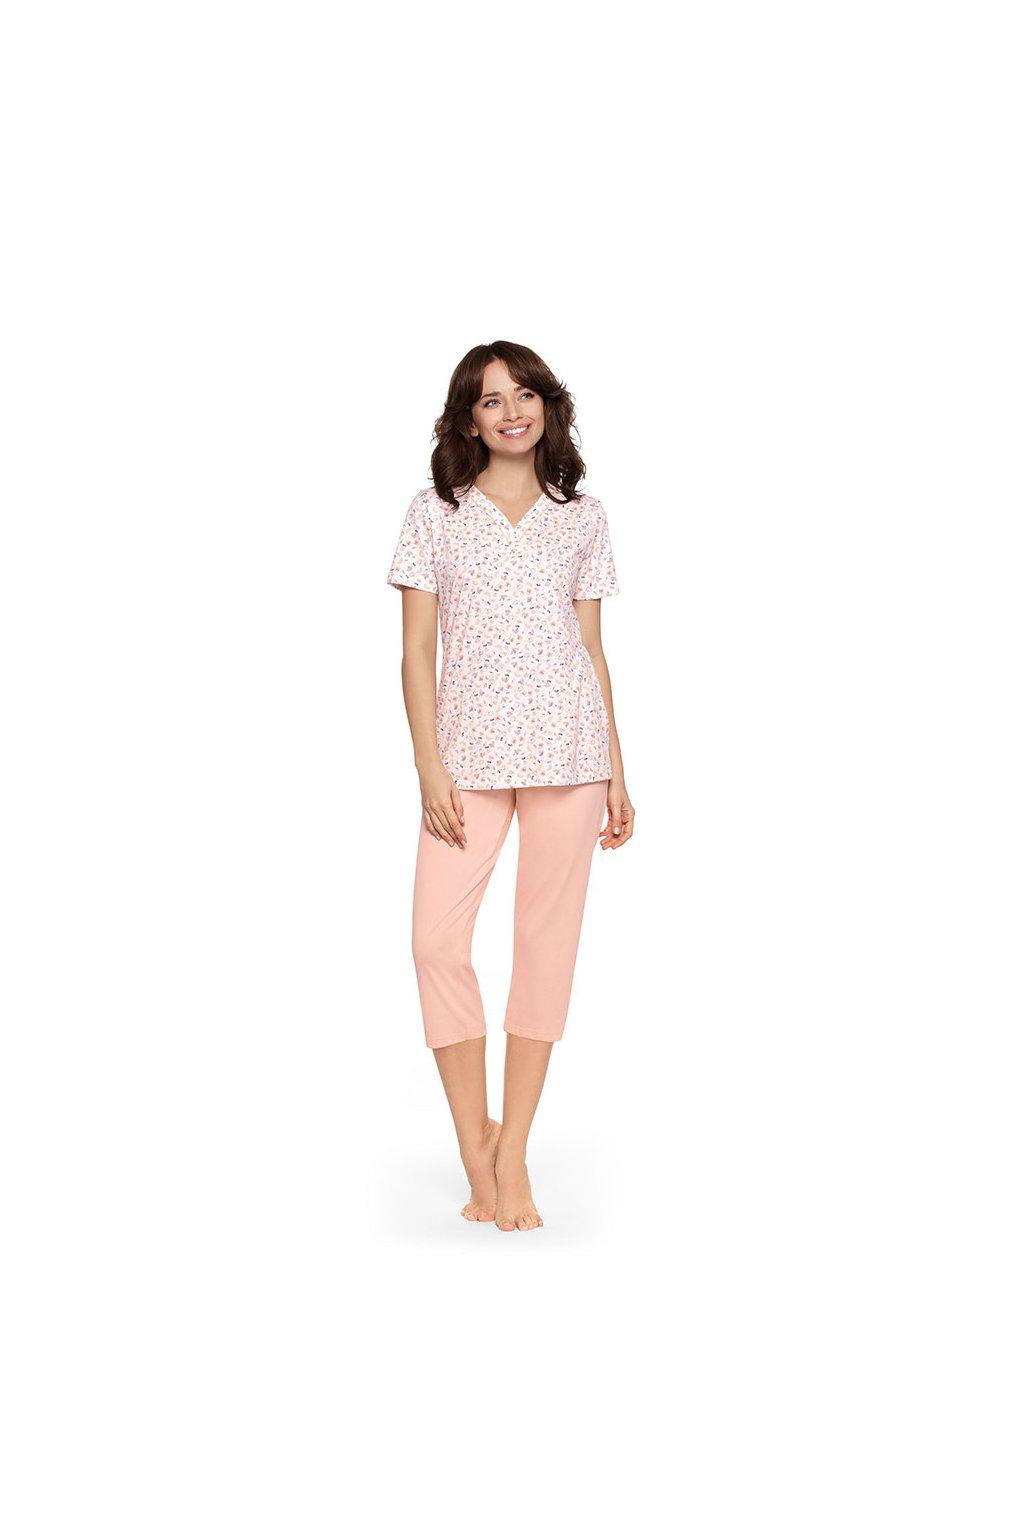 Dámské pyžamo s krátkým rukávem a 3/4 nohavicemi, 104482 6, meruňková